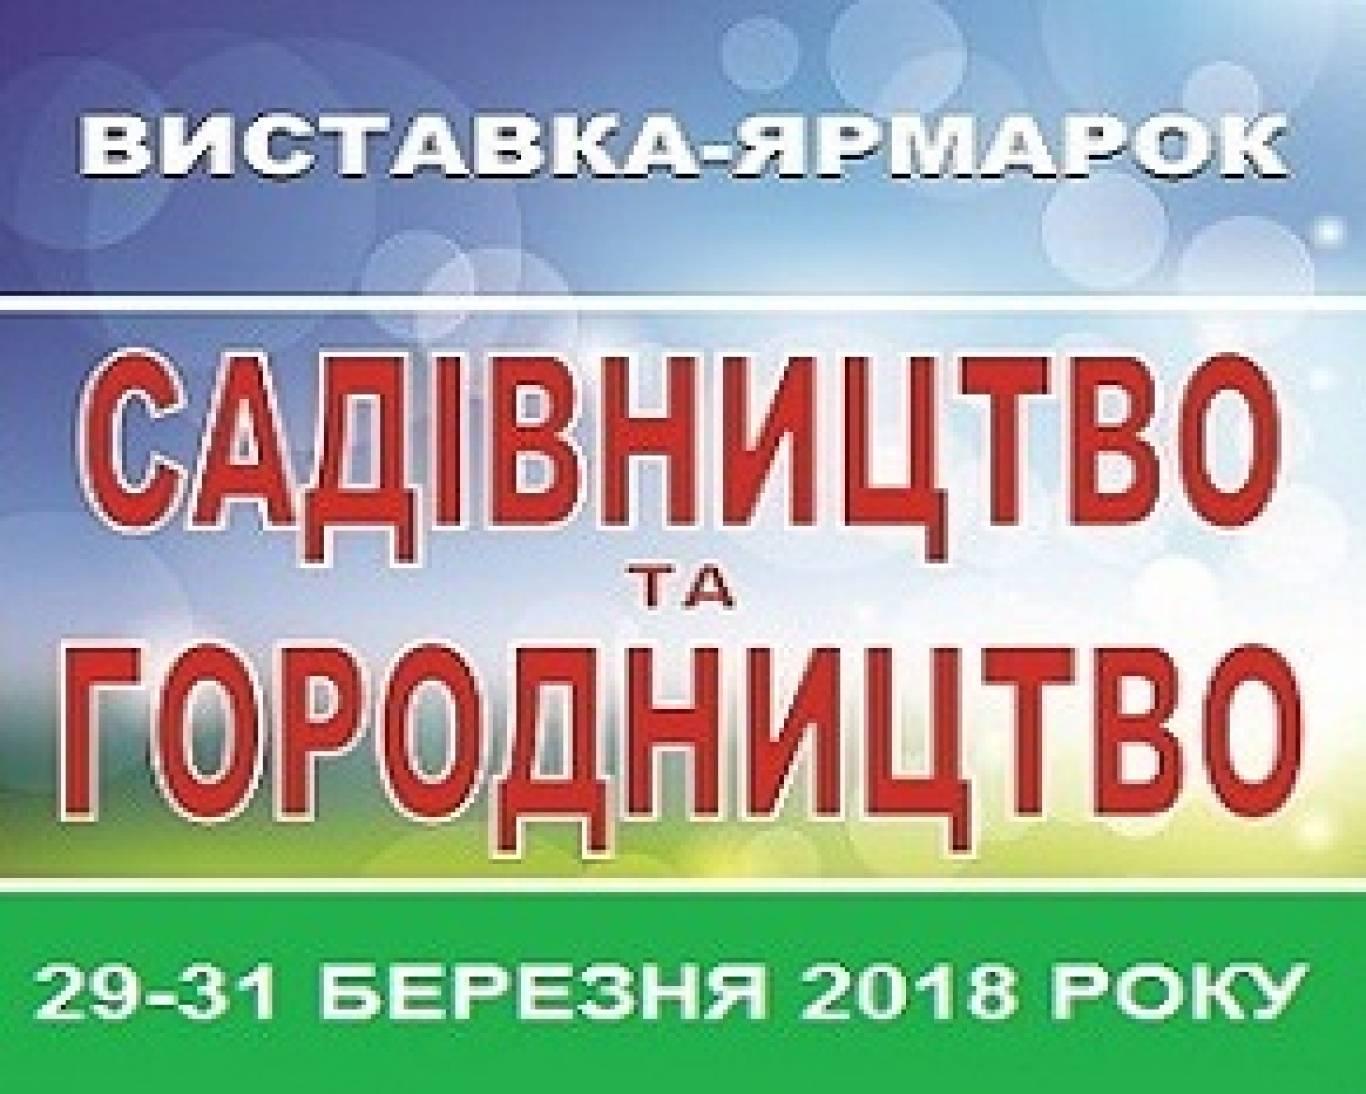 Садівництво та городництво - спеціалізована виставка-ярмарок